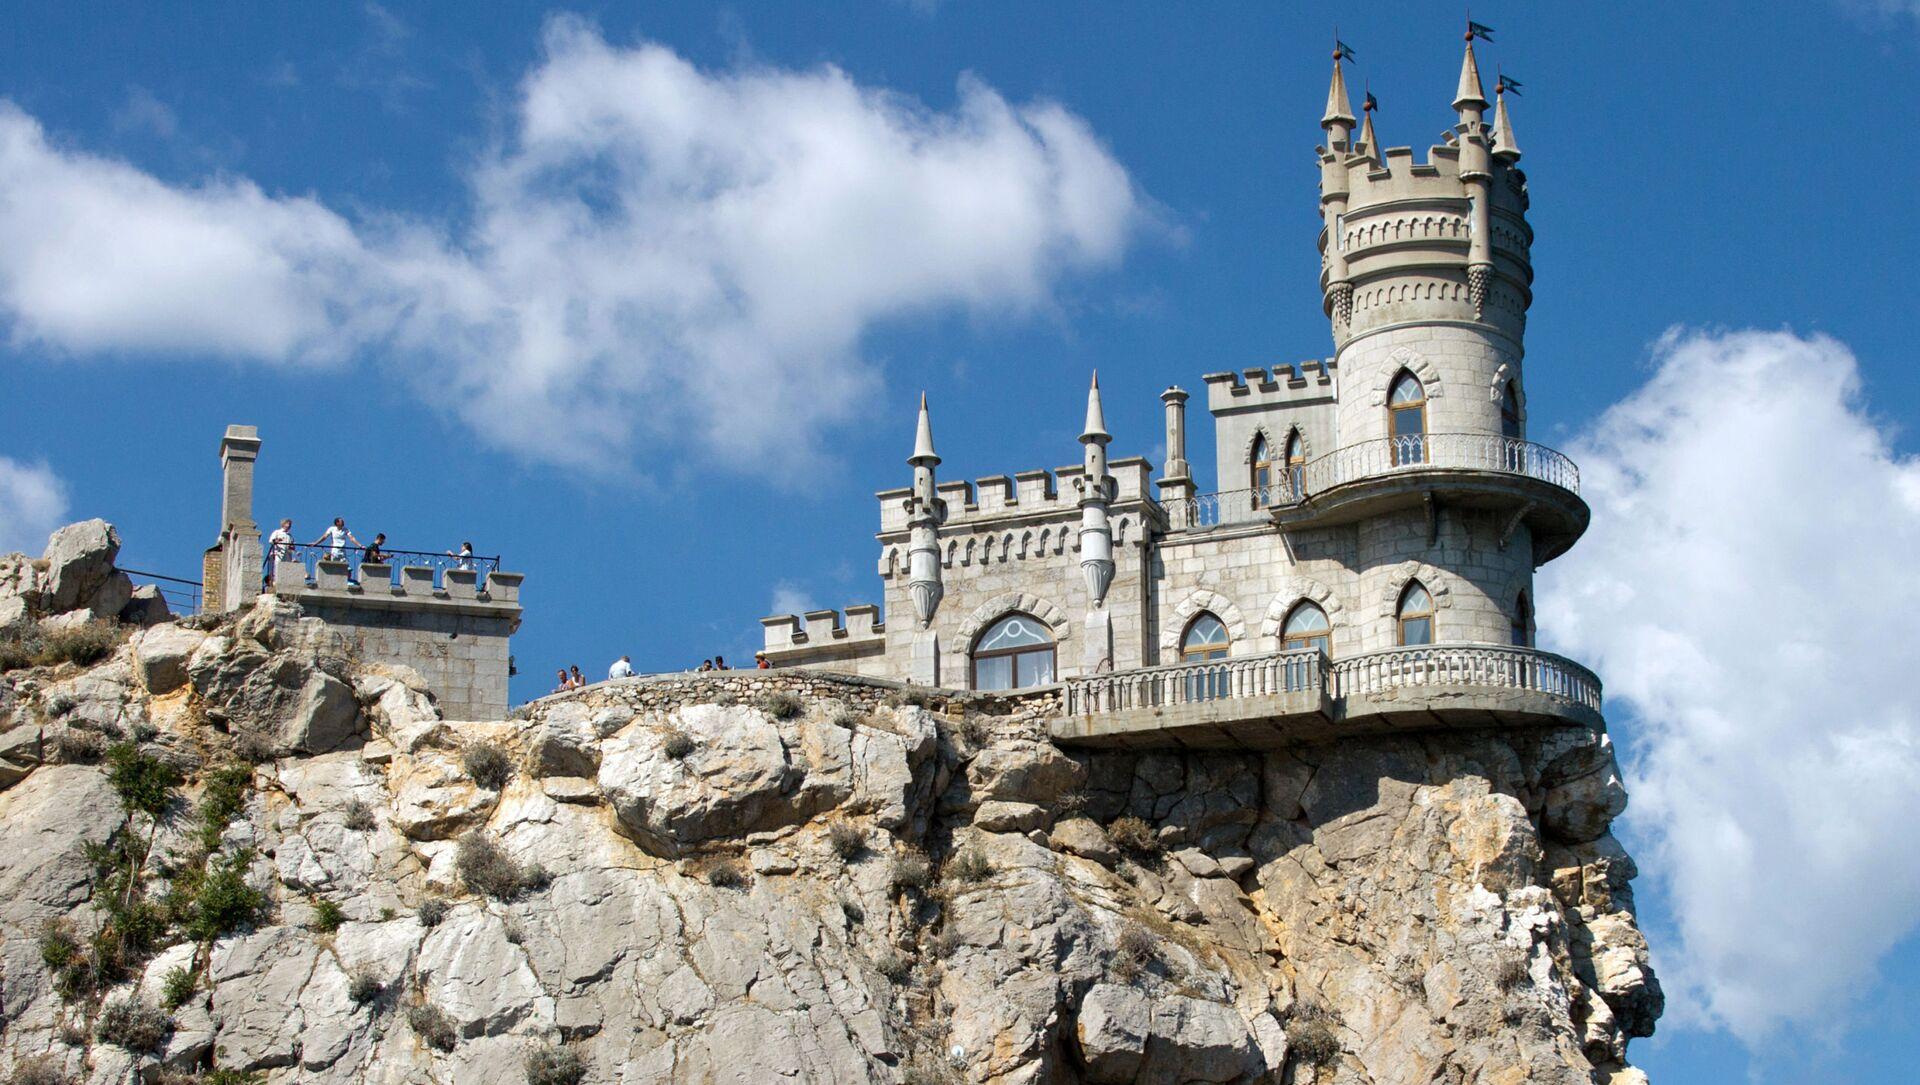 Замок Ласточкино гнездо на береговой скале в поселке Гаспра в Крым - Sputnik Việt Nam, 1920, 22.04.2021